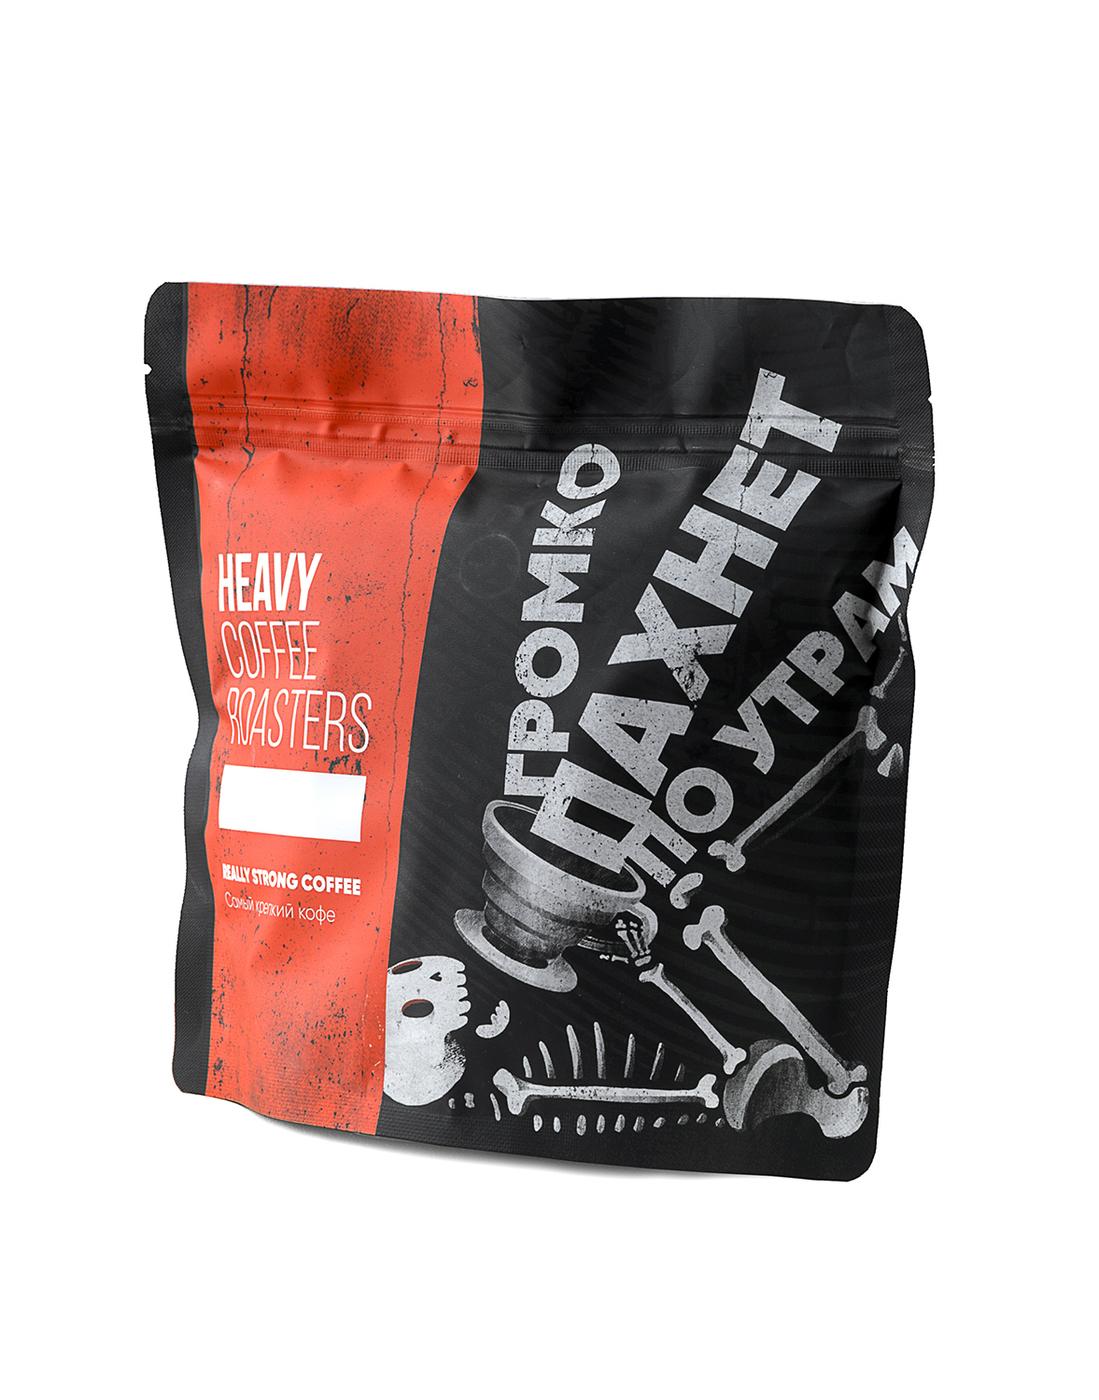 Кофе молотый REALLY STRONG COFFEE 350 гр. Heavy Coffee Roasters